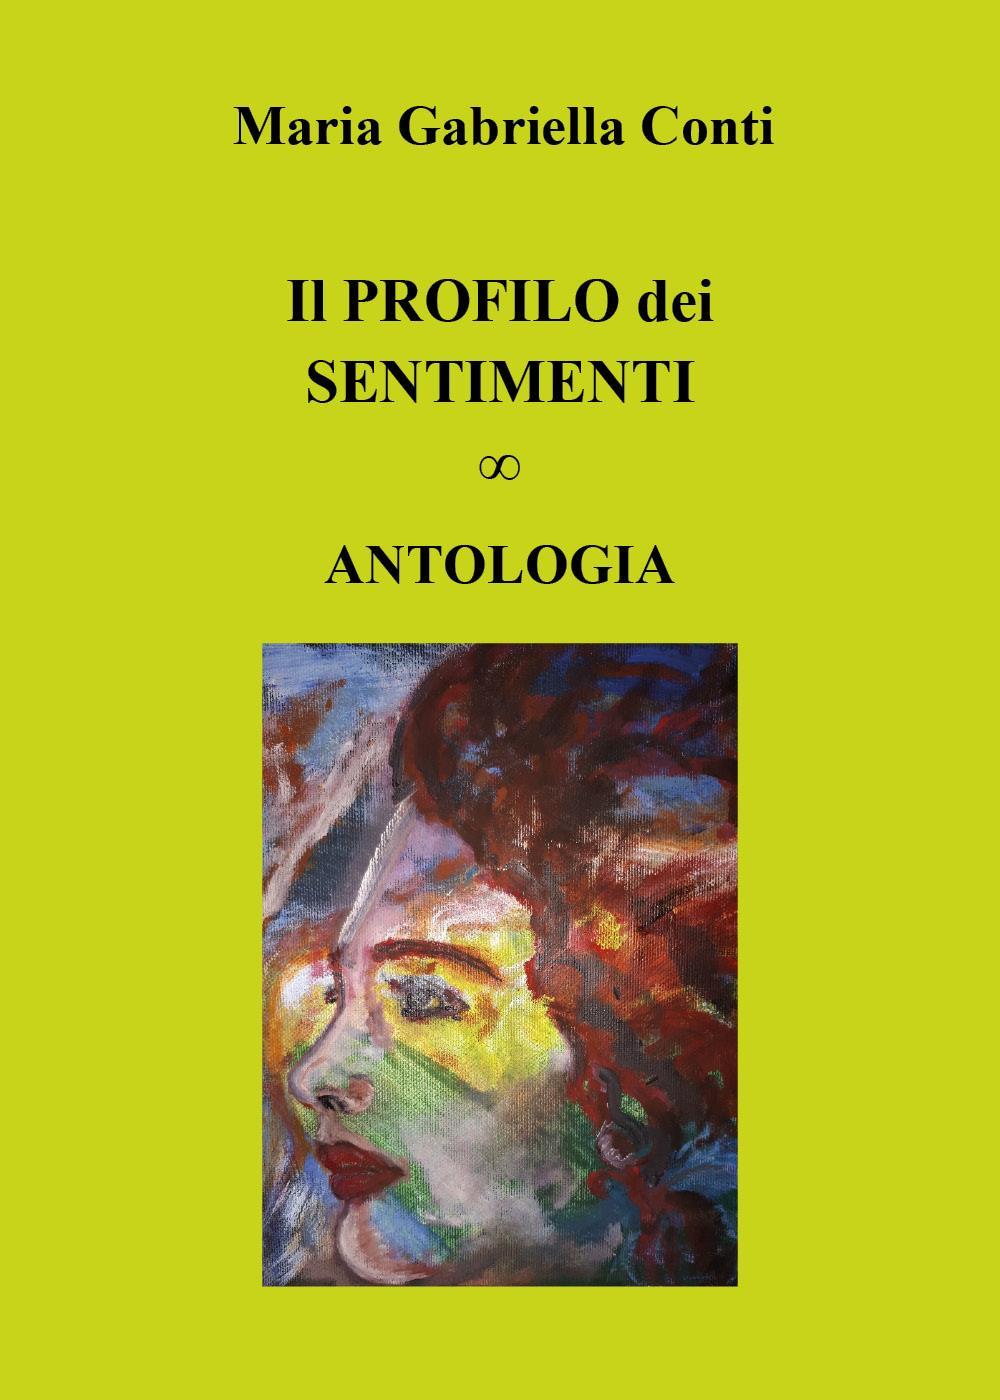 Il Profilo dei Sentimenti - Antologia